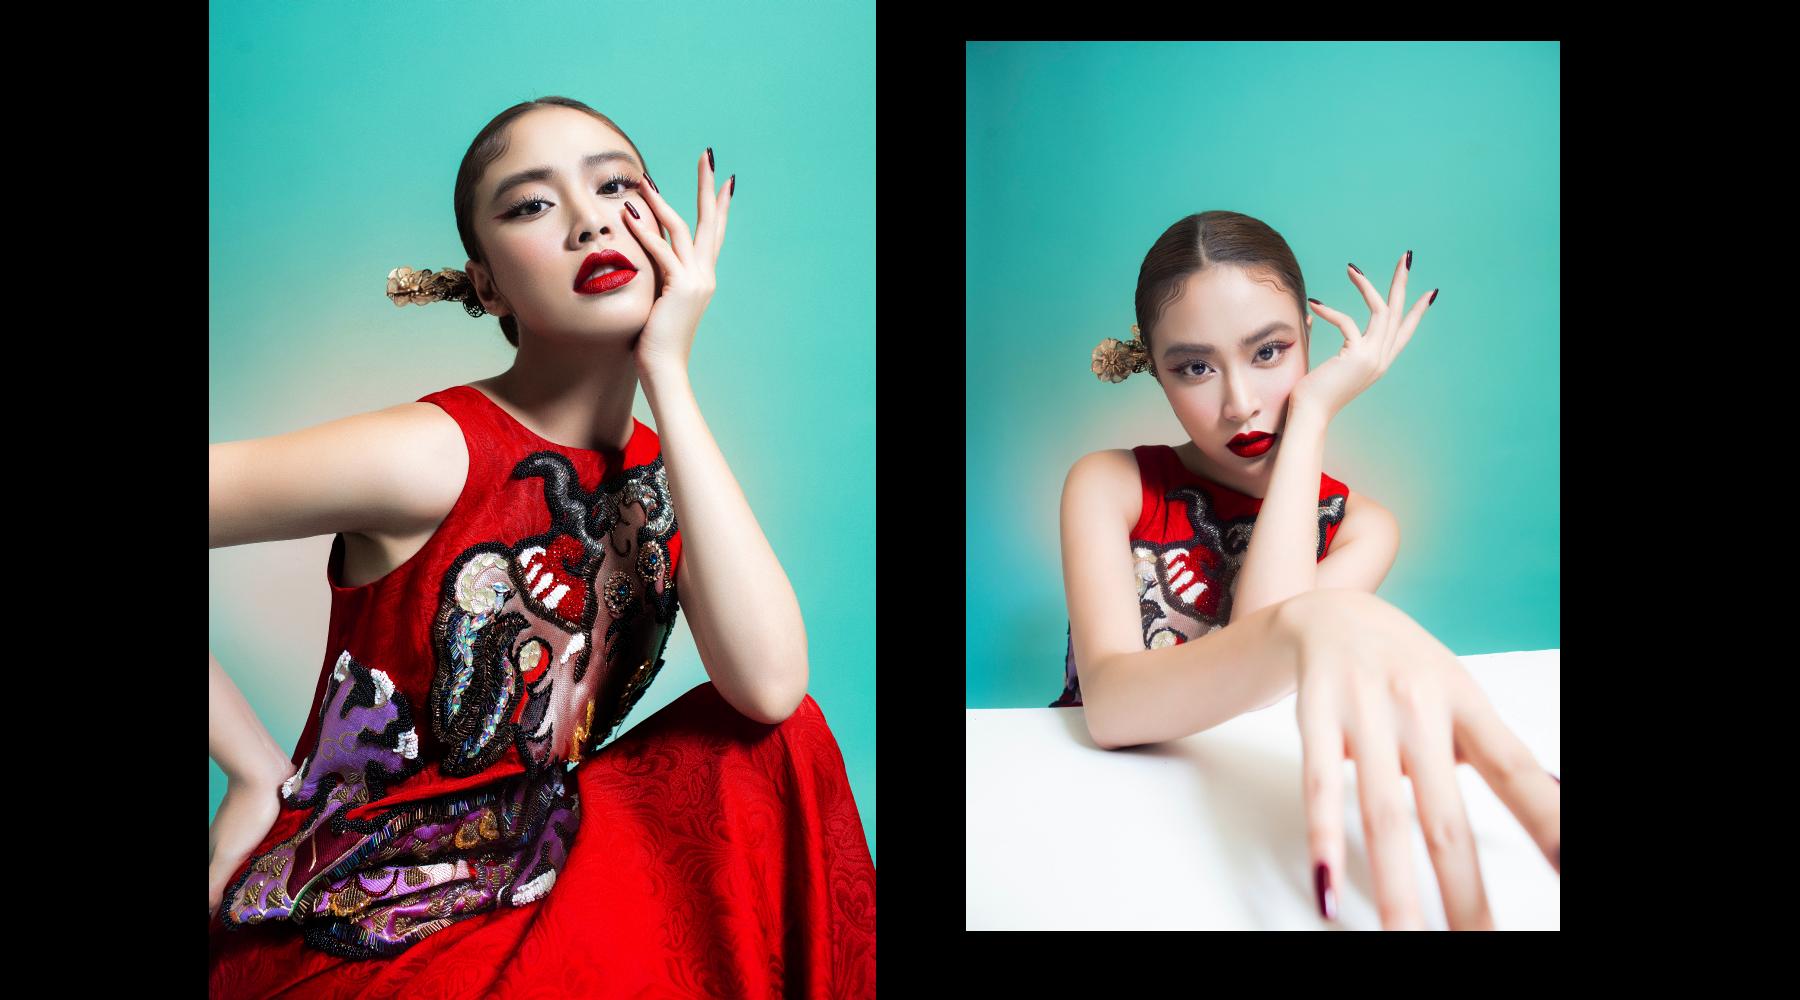 [eMagazine] Ca sĩ Hoàng Thùy Linh: Cứ dụng công thôi, không nghĩ nhiều - Ảnh 2.